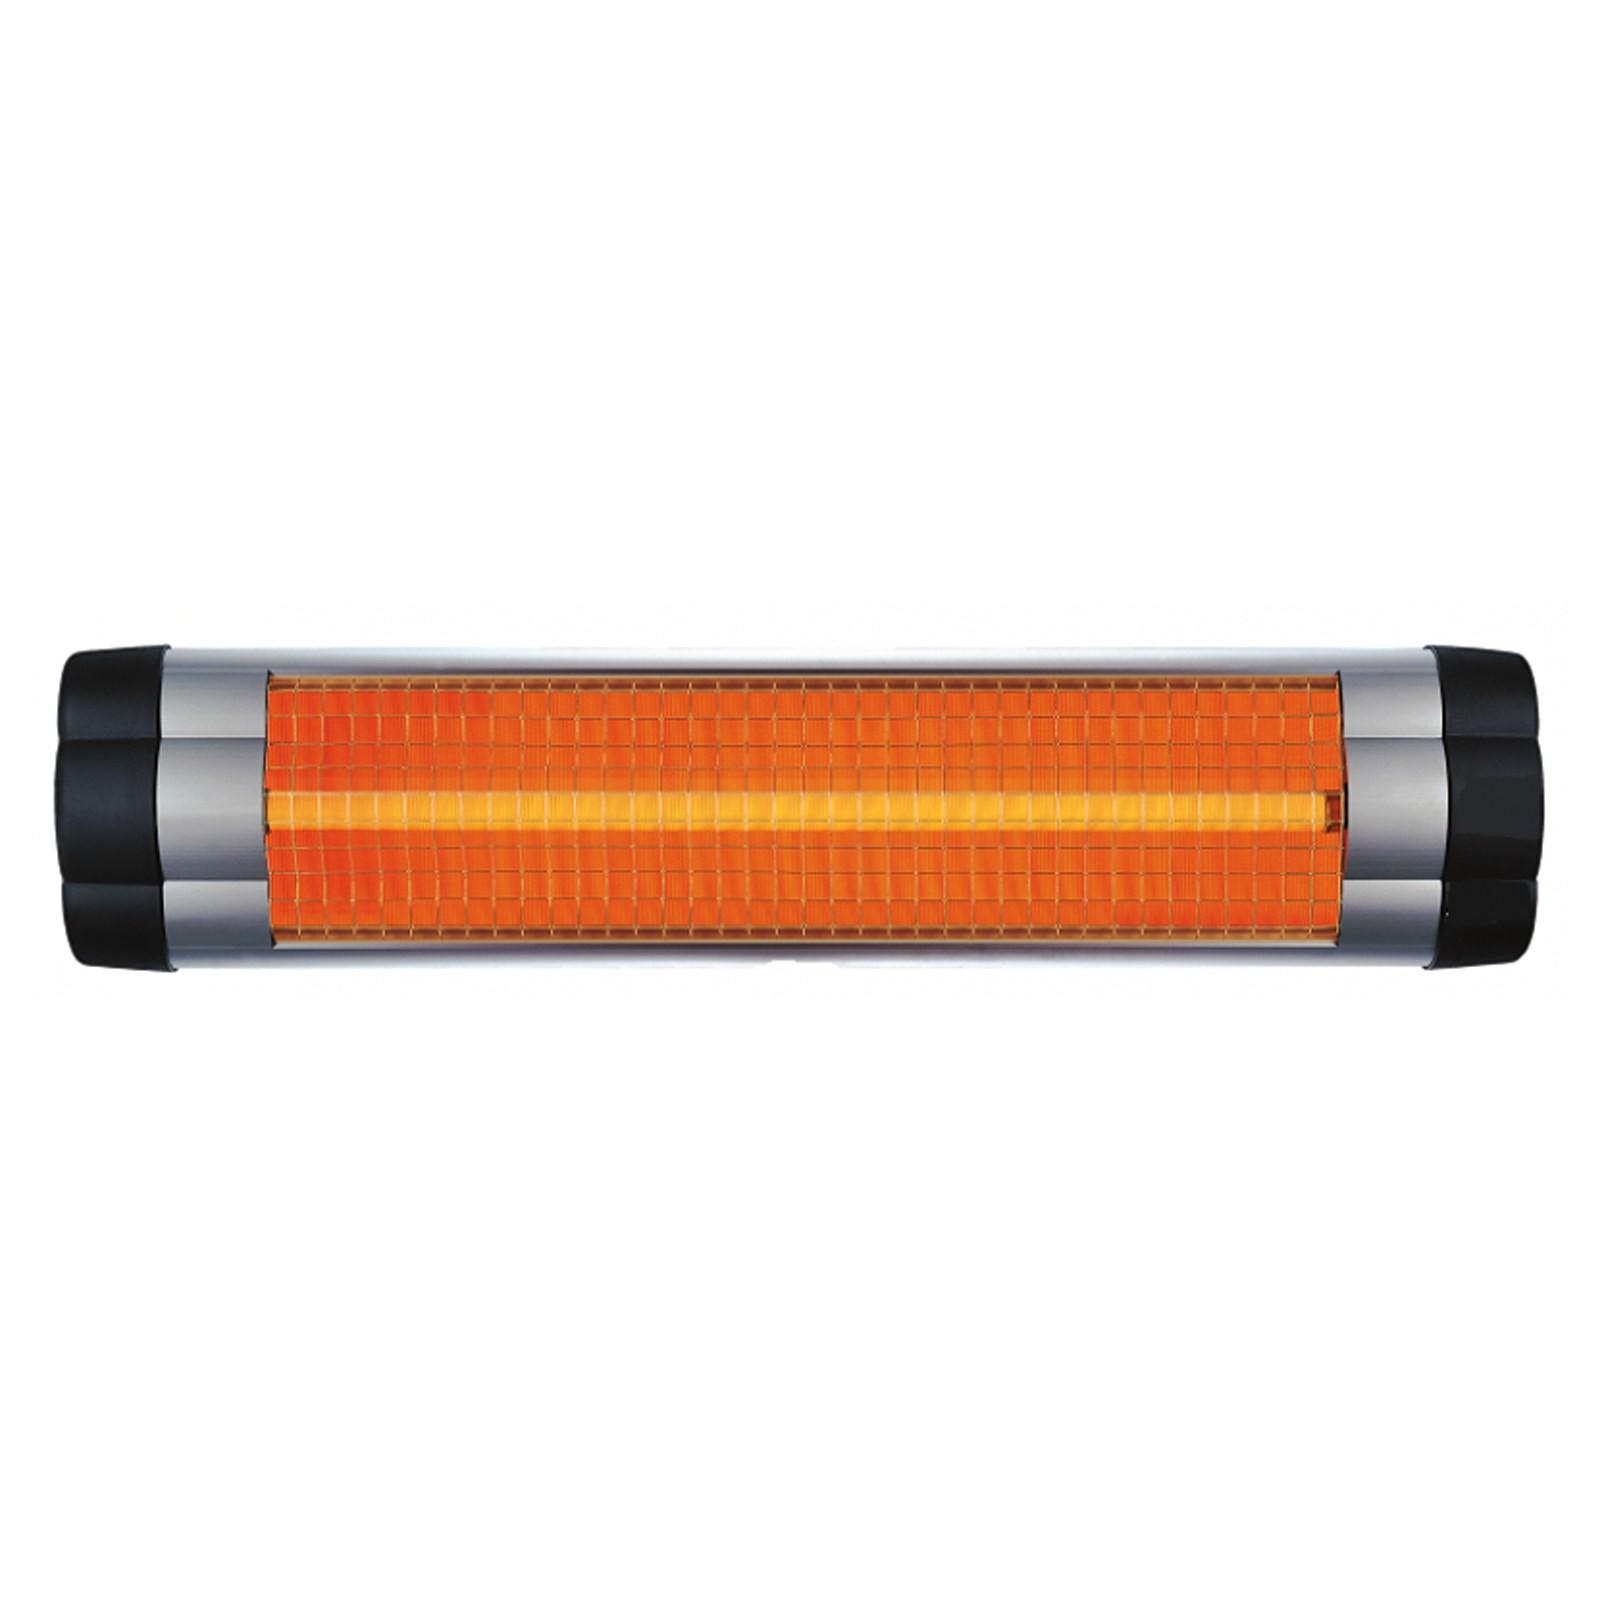 Stufa alogena elettrica al quarzo potenza 2500w - Stufa elettrica ad infrarossi ...